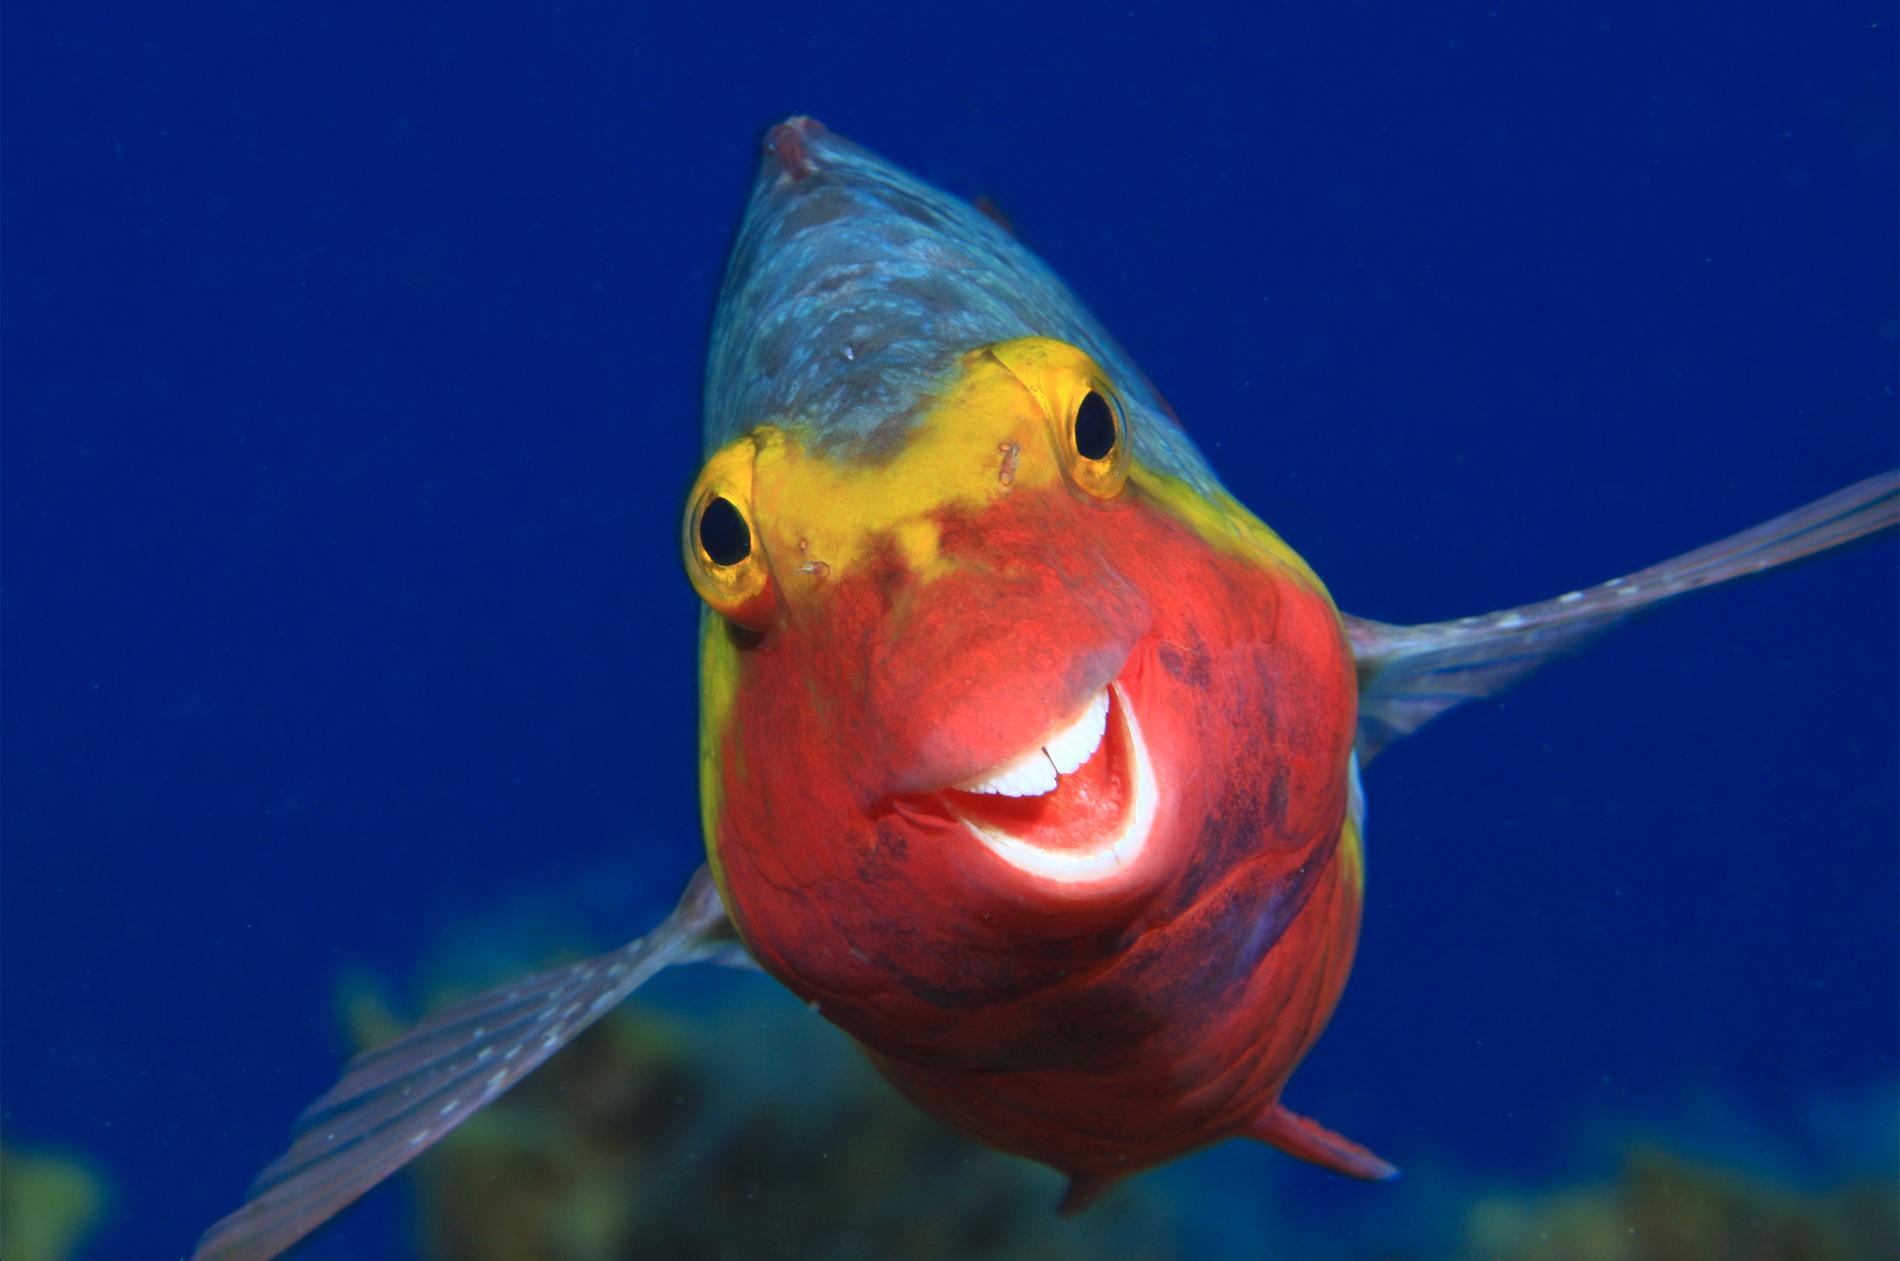 """En Kretensisk papegojfisk som har en riktigt bra dag i vattnet nära ön El Hierro som tillhör Kanarieöarna. Bilden heter """"Smiley""""."""